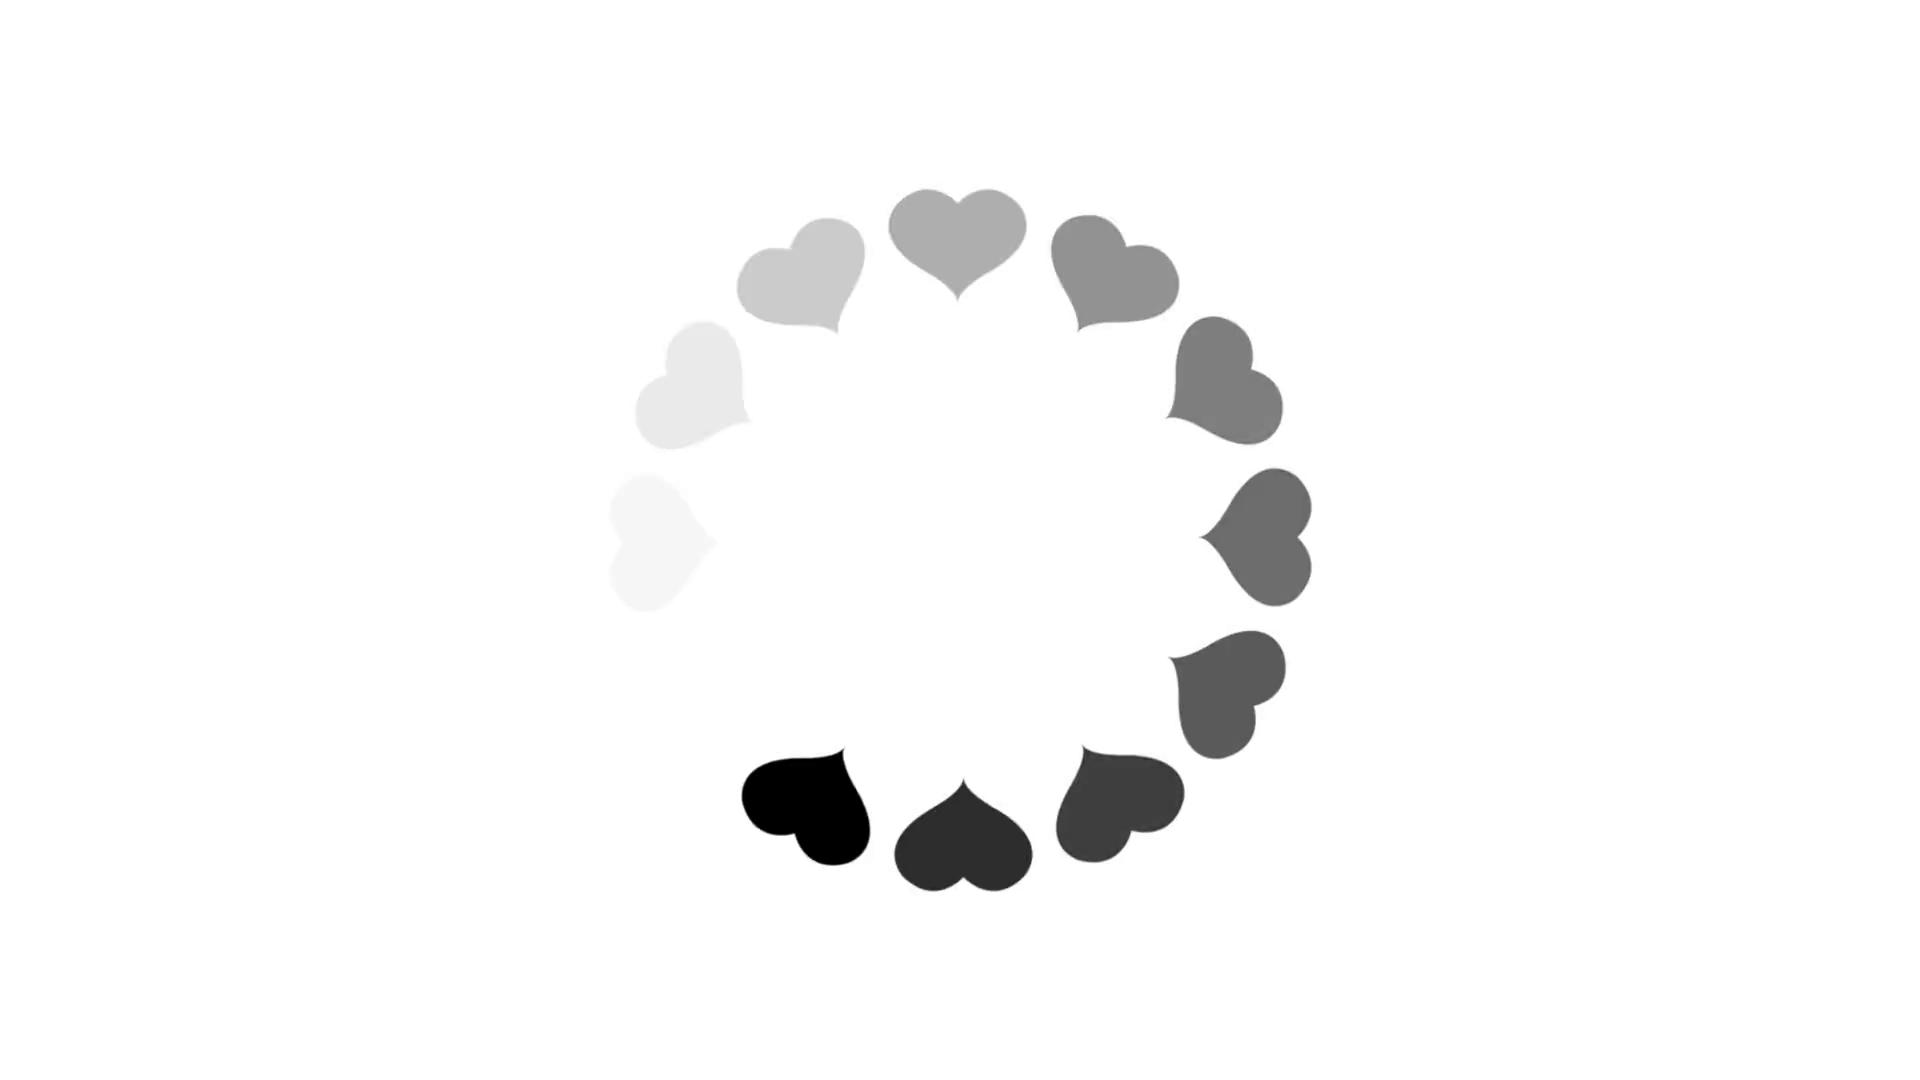 Hình nền trắng đẹp (109)